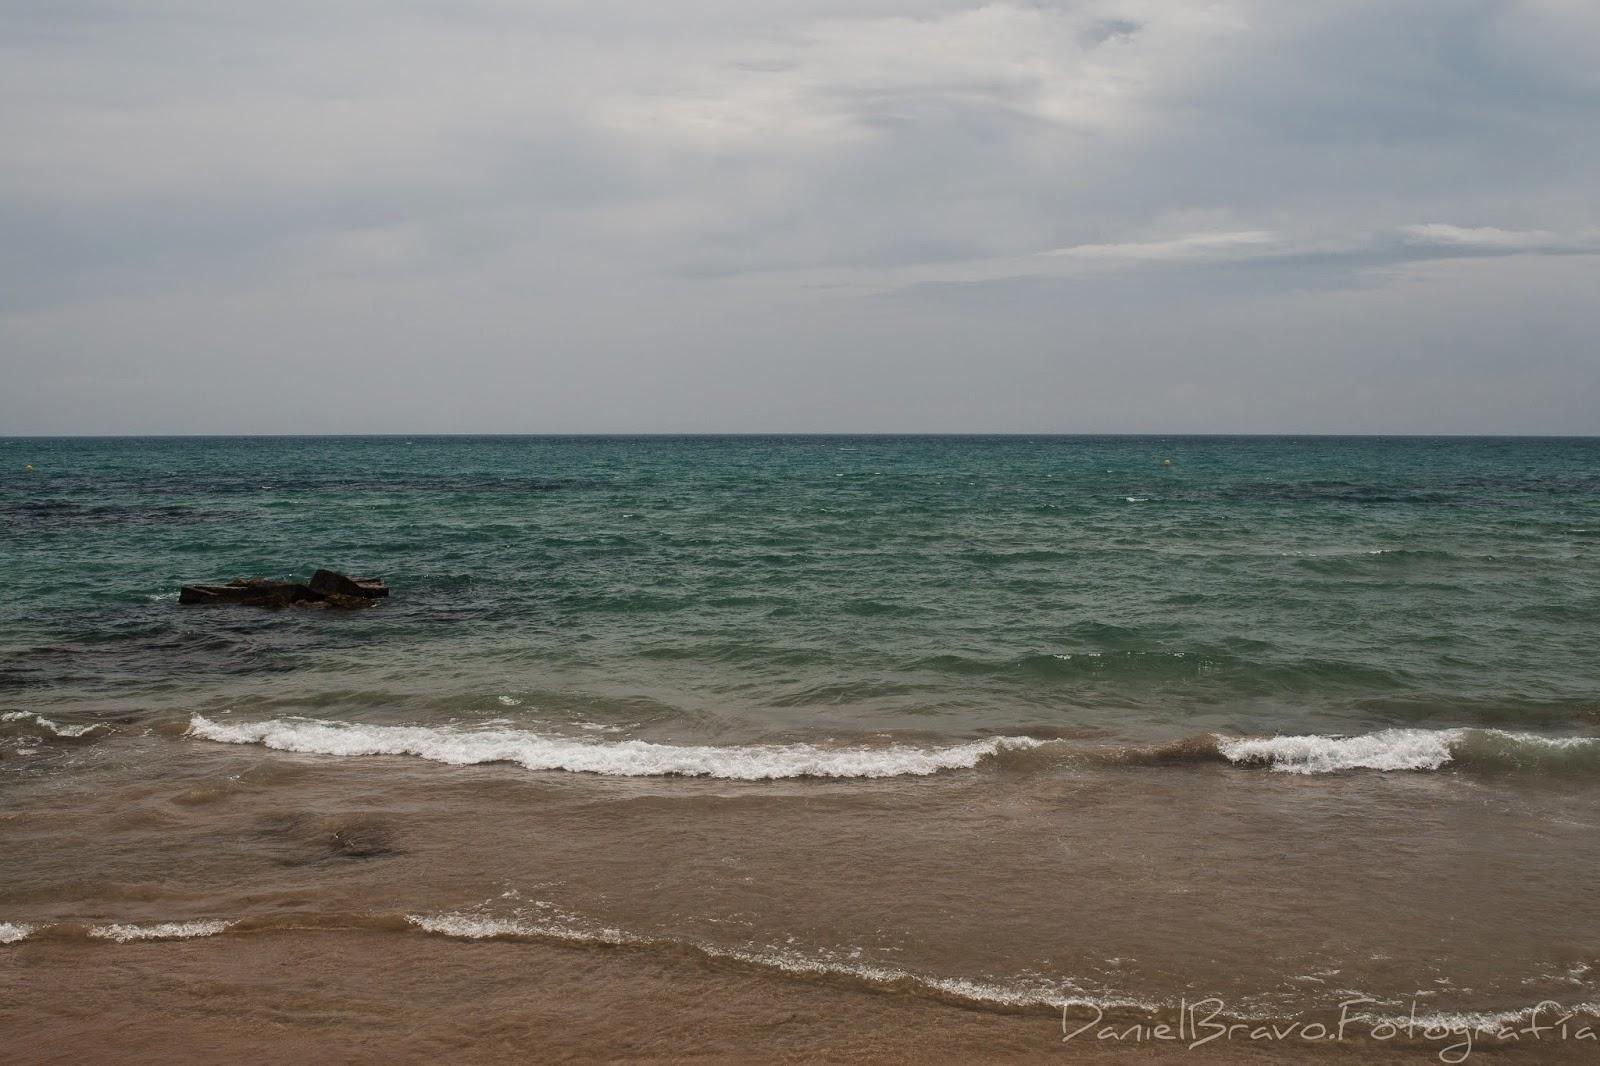 fotografía, mar, playa, arena, agua, sol, vacaciones, costa, reflejo, filtro polarizador